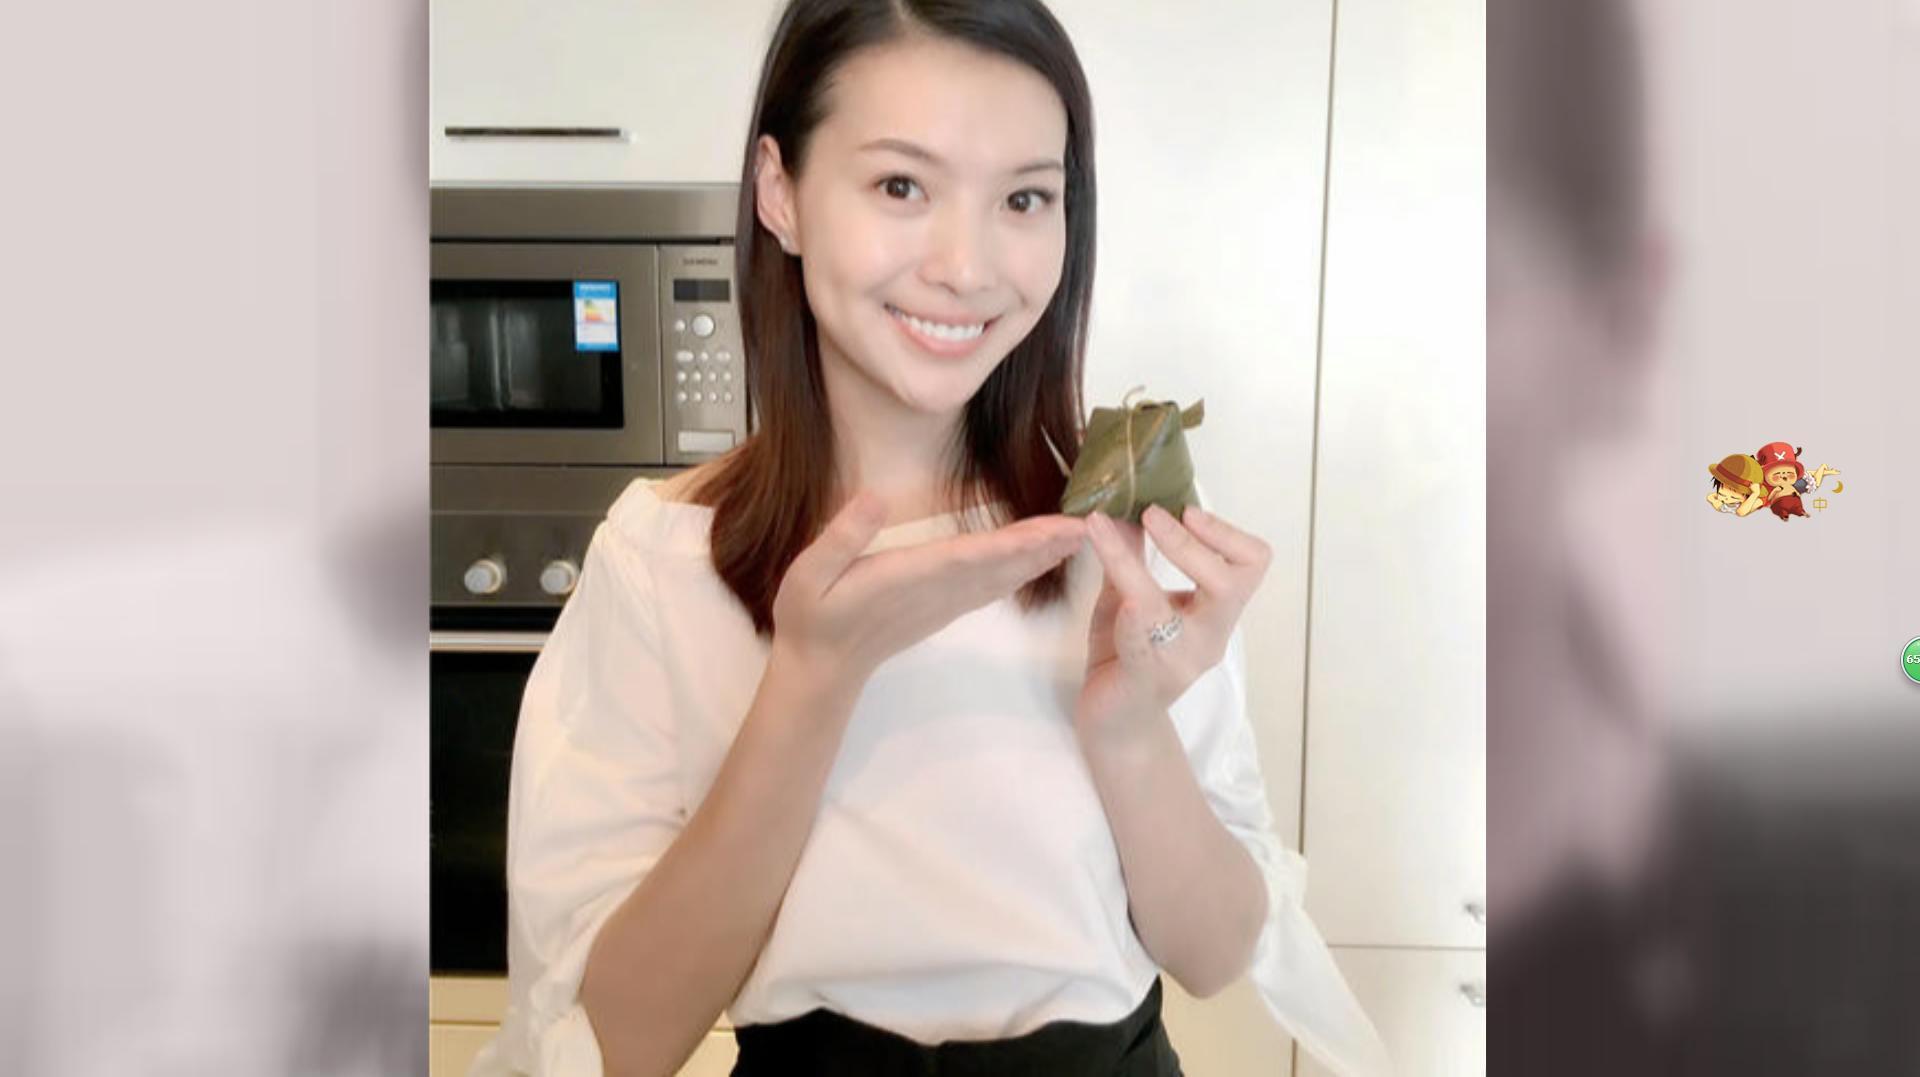 栗坤直播被称素颜女神 遭网友调侃撞脸刘涛 5月28日,北京卫视全力